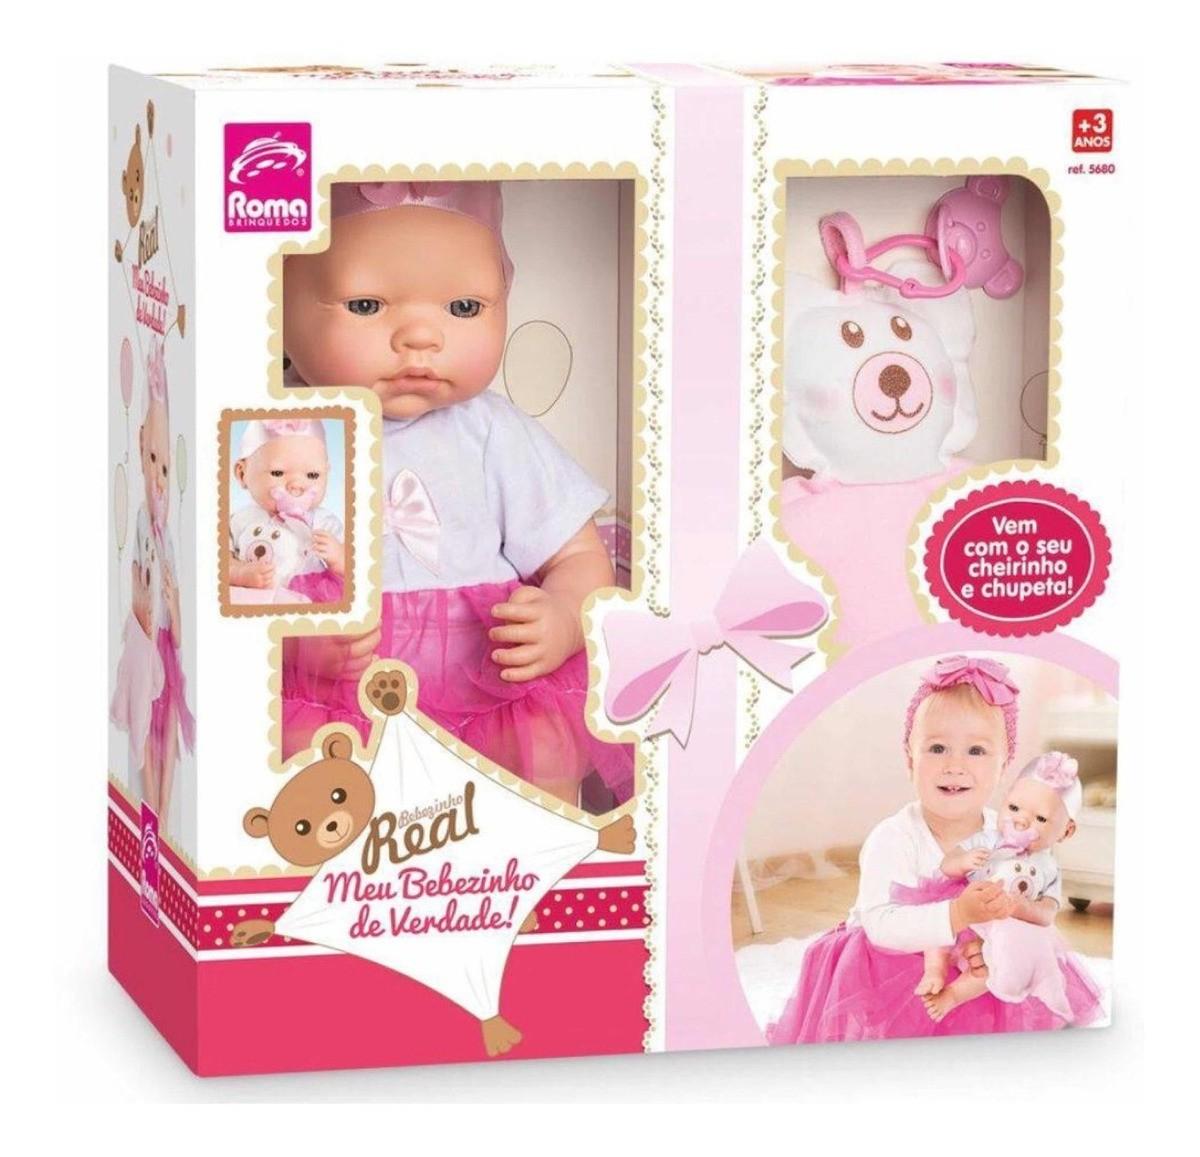 Boneca Meu Bebezinho Real